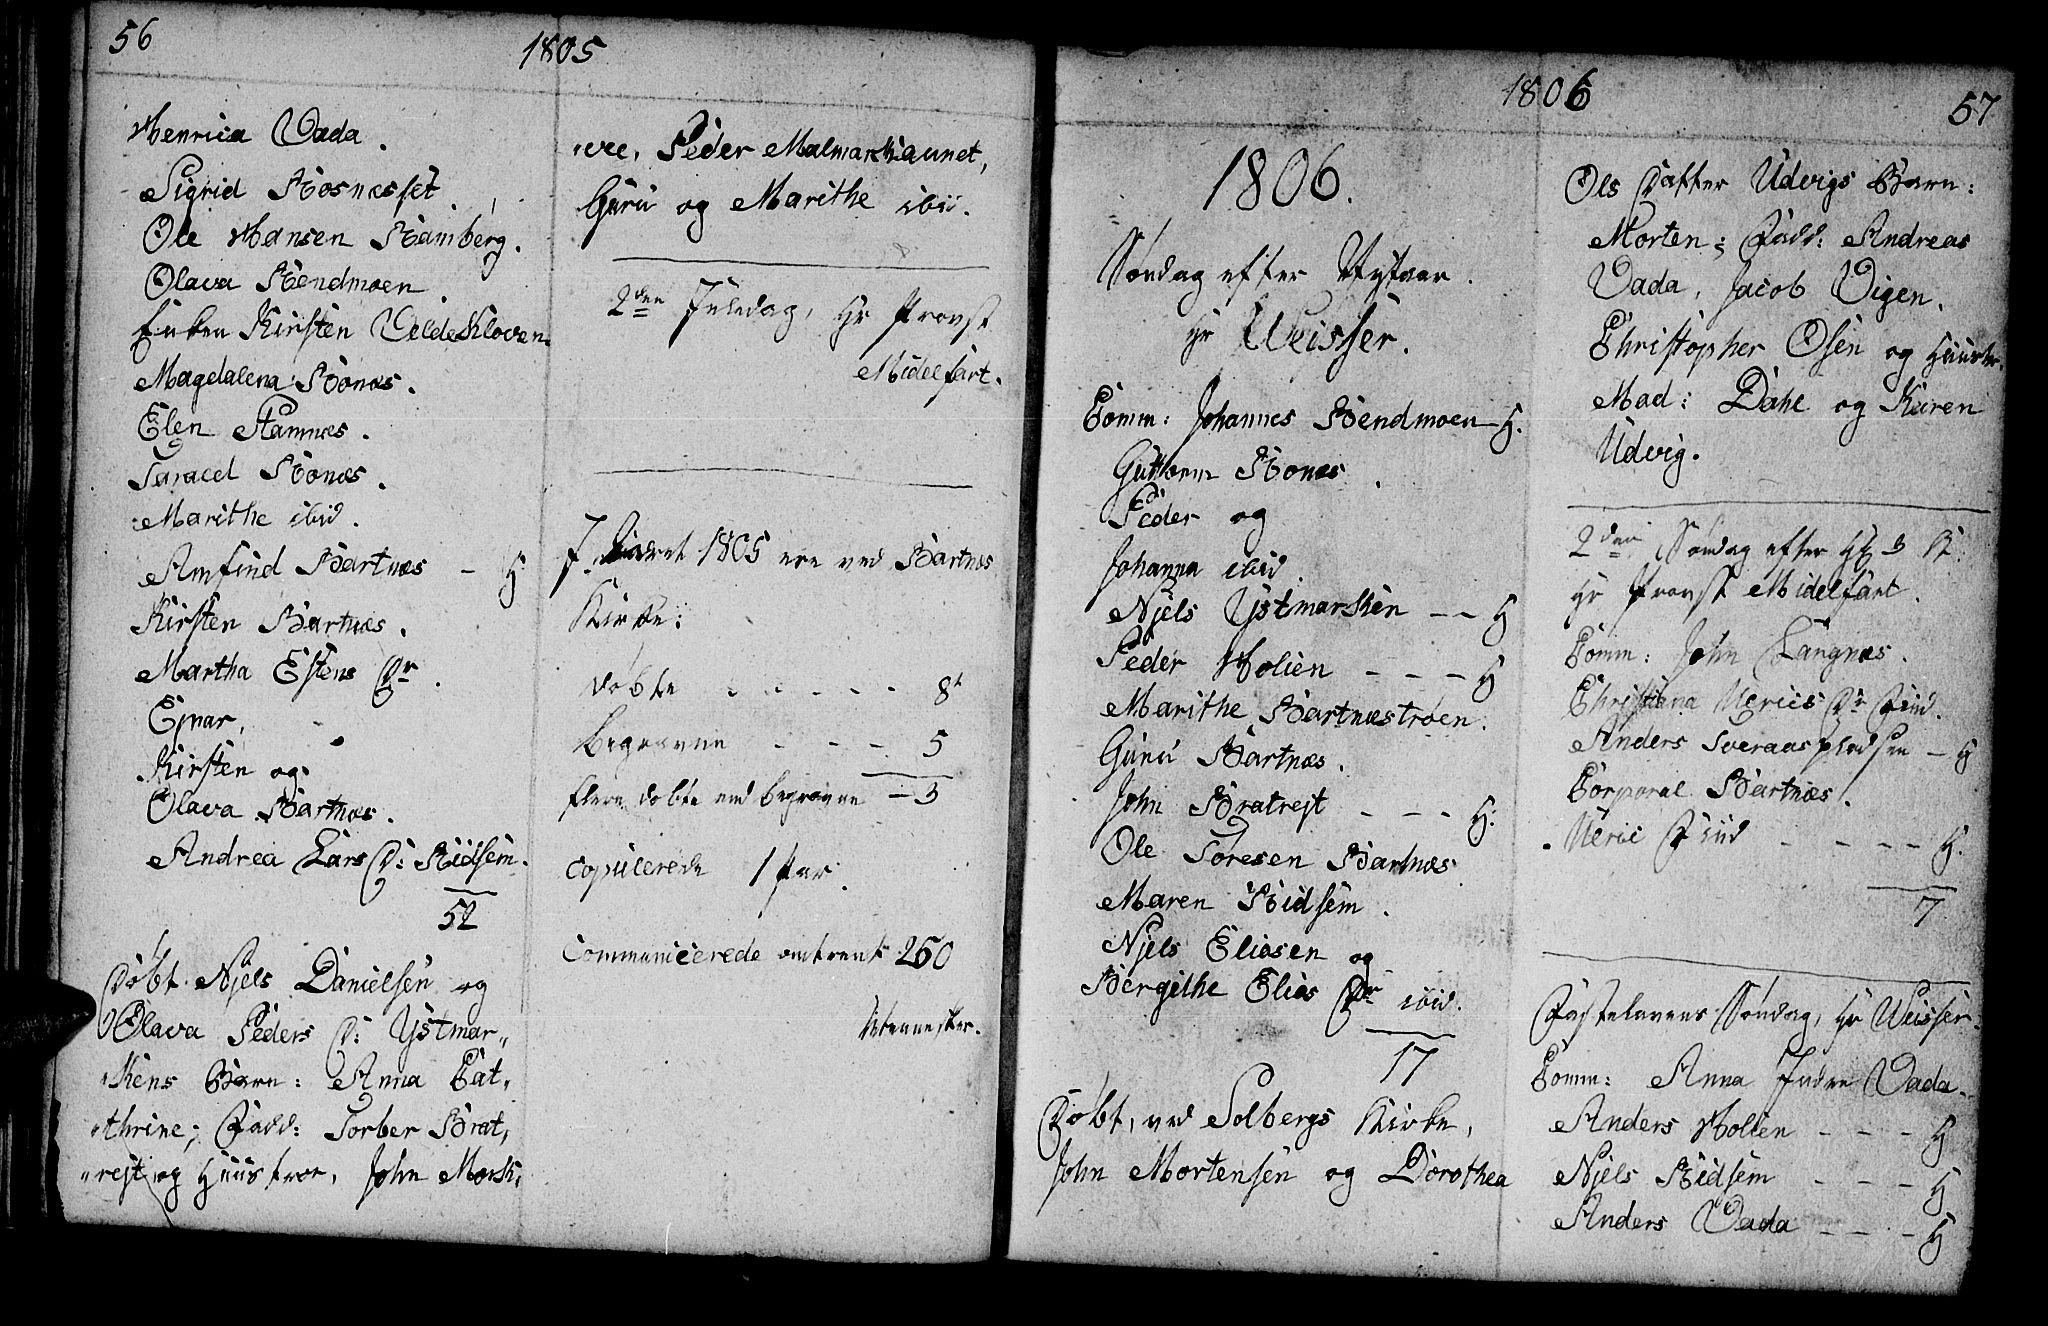 SAT, Ministerialprotokoller, klokkerbøker og fødselsregistre - Nord-Trøndelag, 745/L0432: Klokkerbok nr. 745C01, 1802-1814, s. 56-57